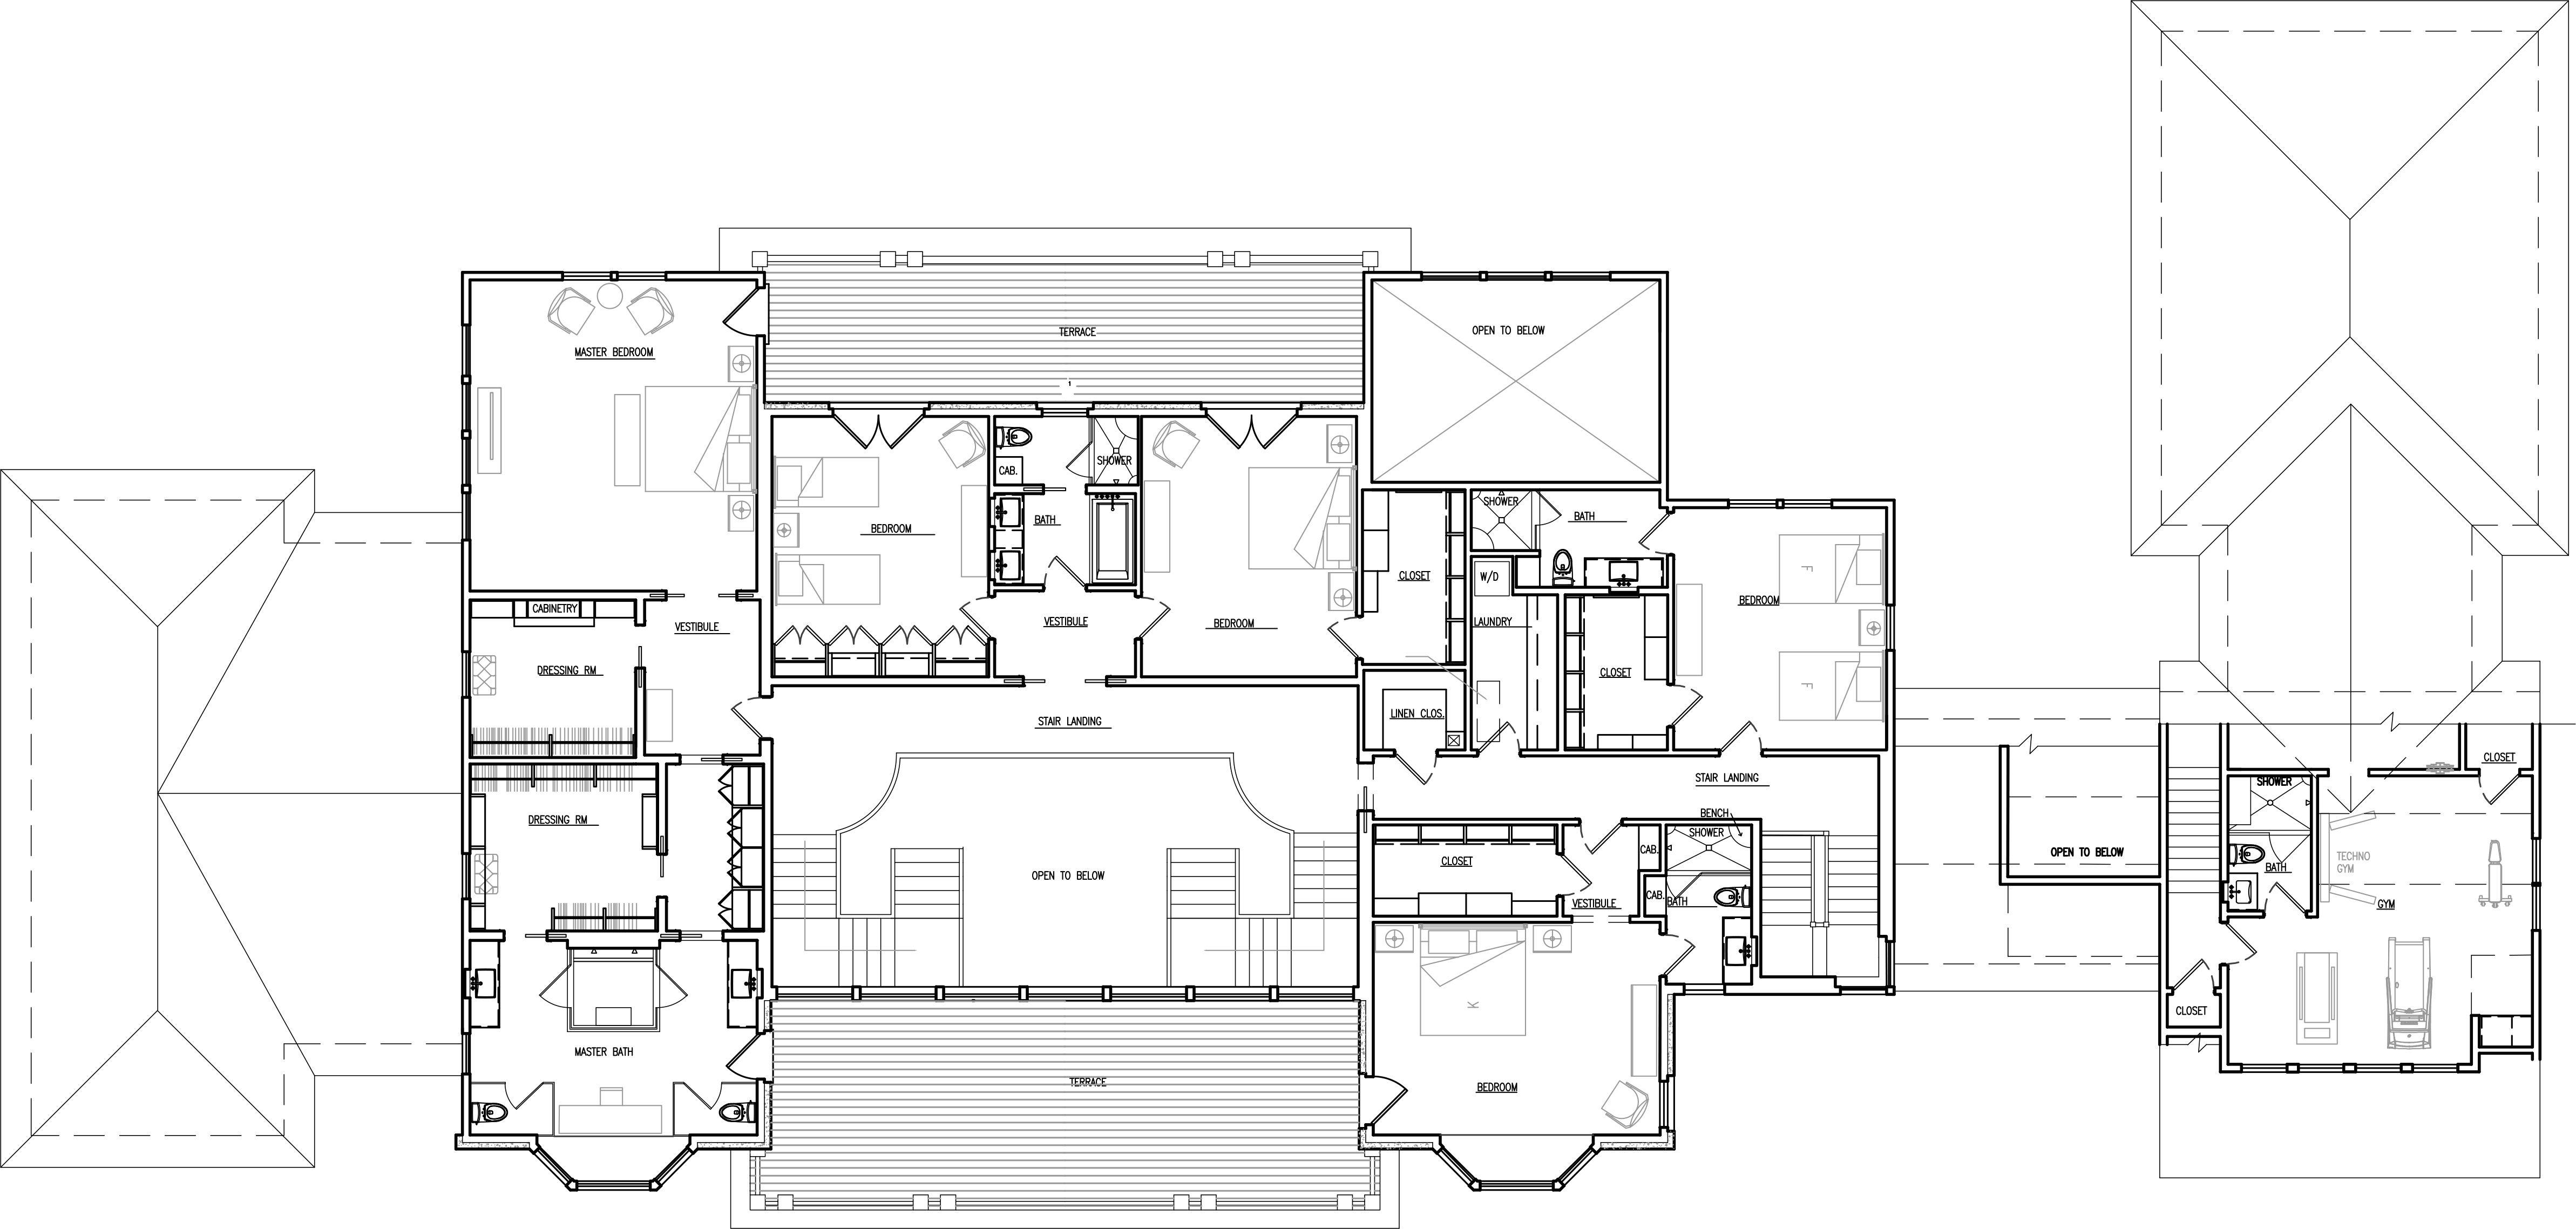 Hsj Archiecture Luxury House Plans Floor Plans House Plans